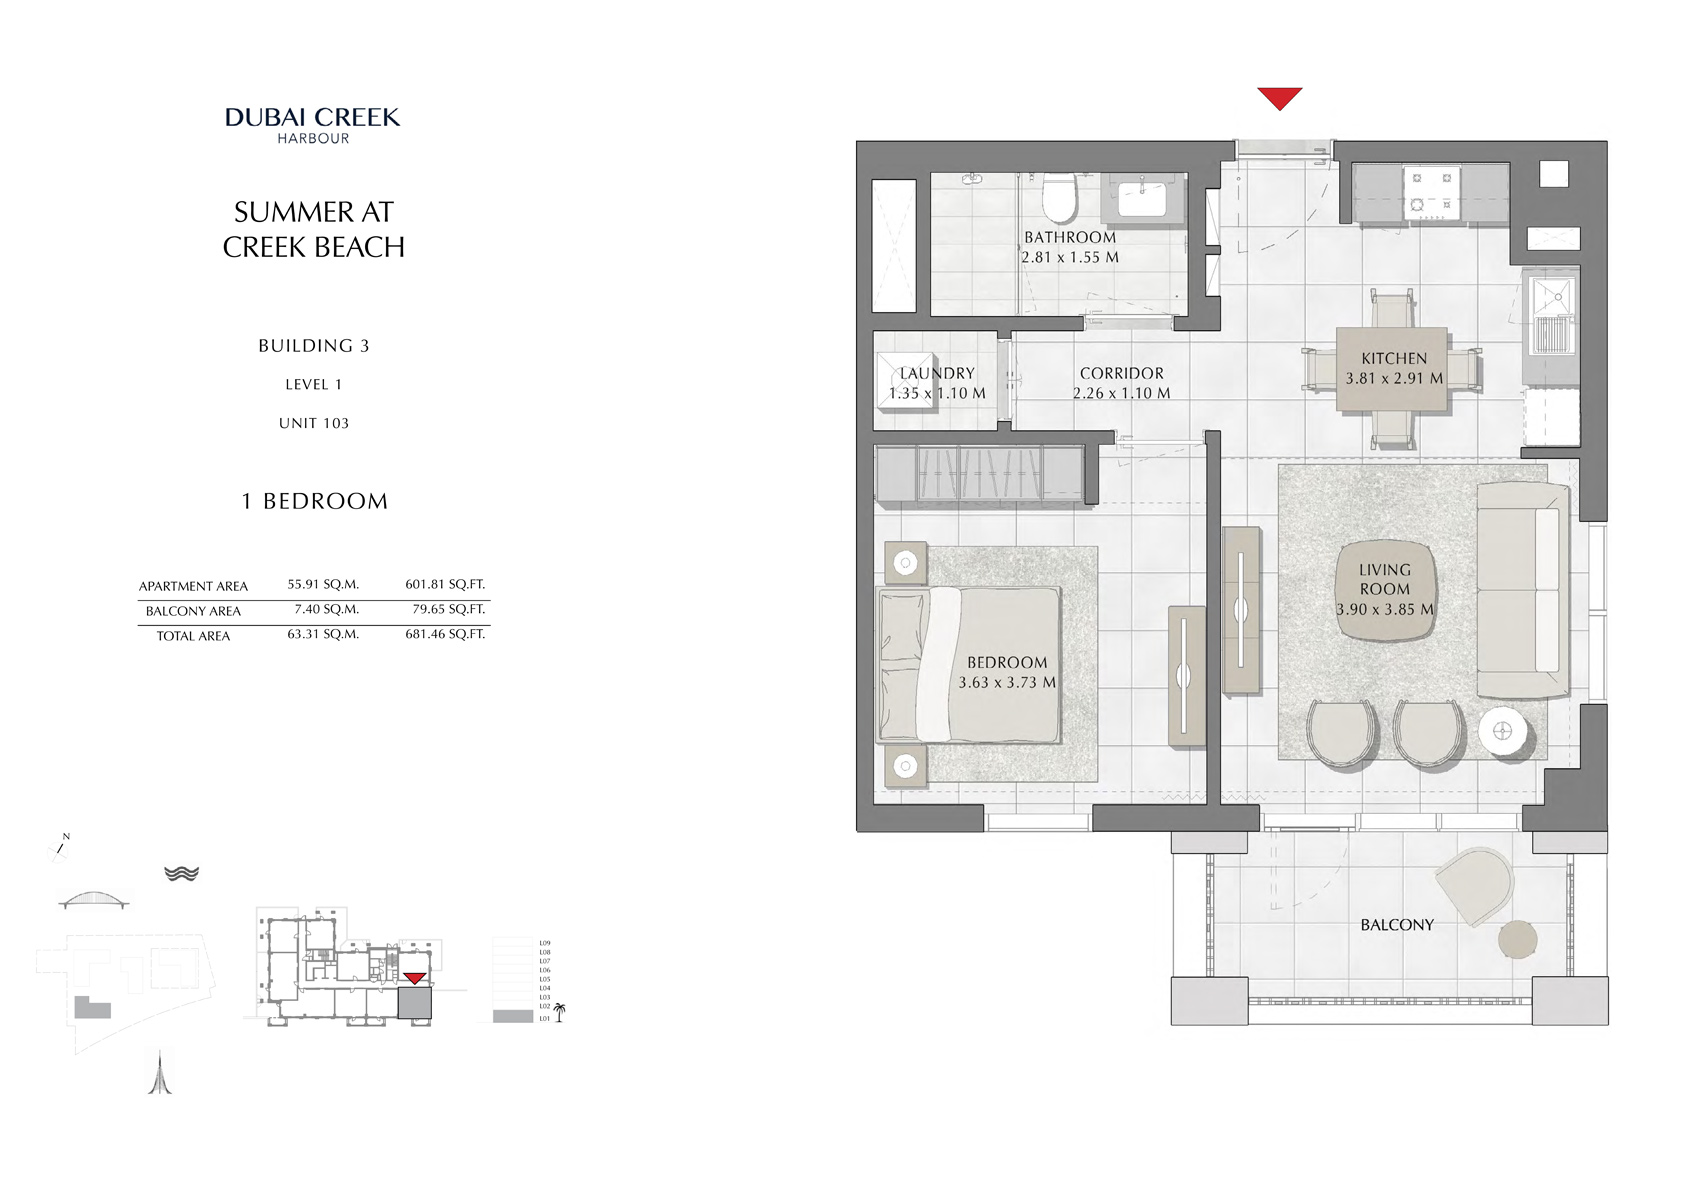 1 Br Building 3 Level 1 Unit 103, Size 681 Sq Ft